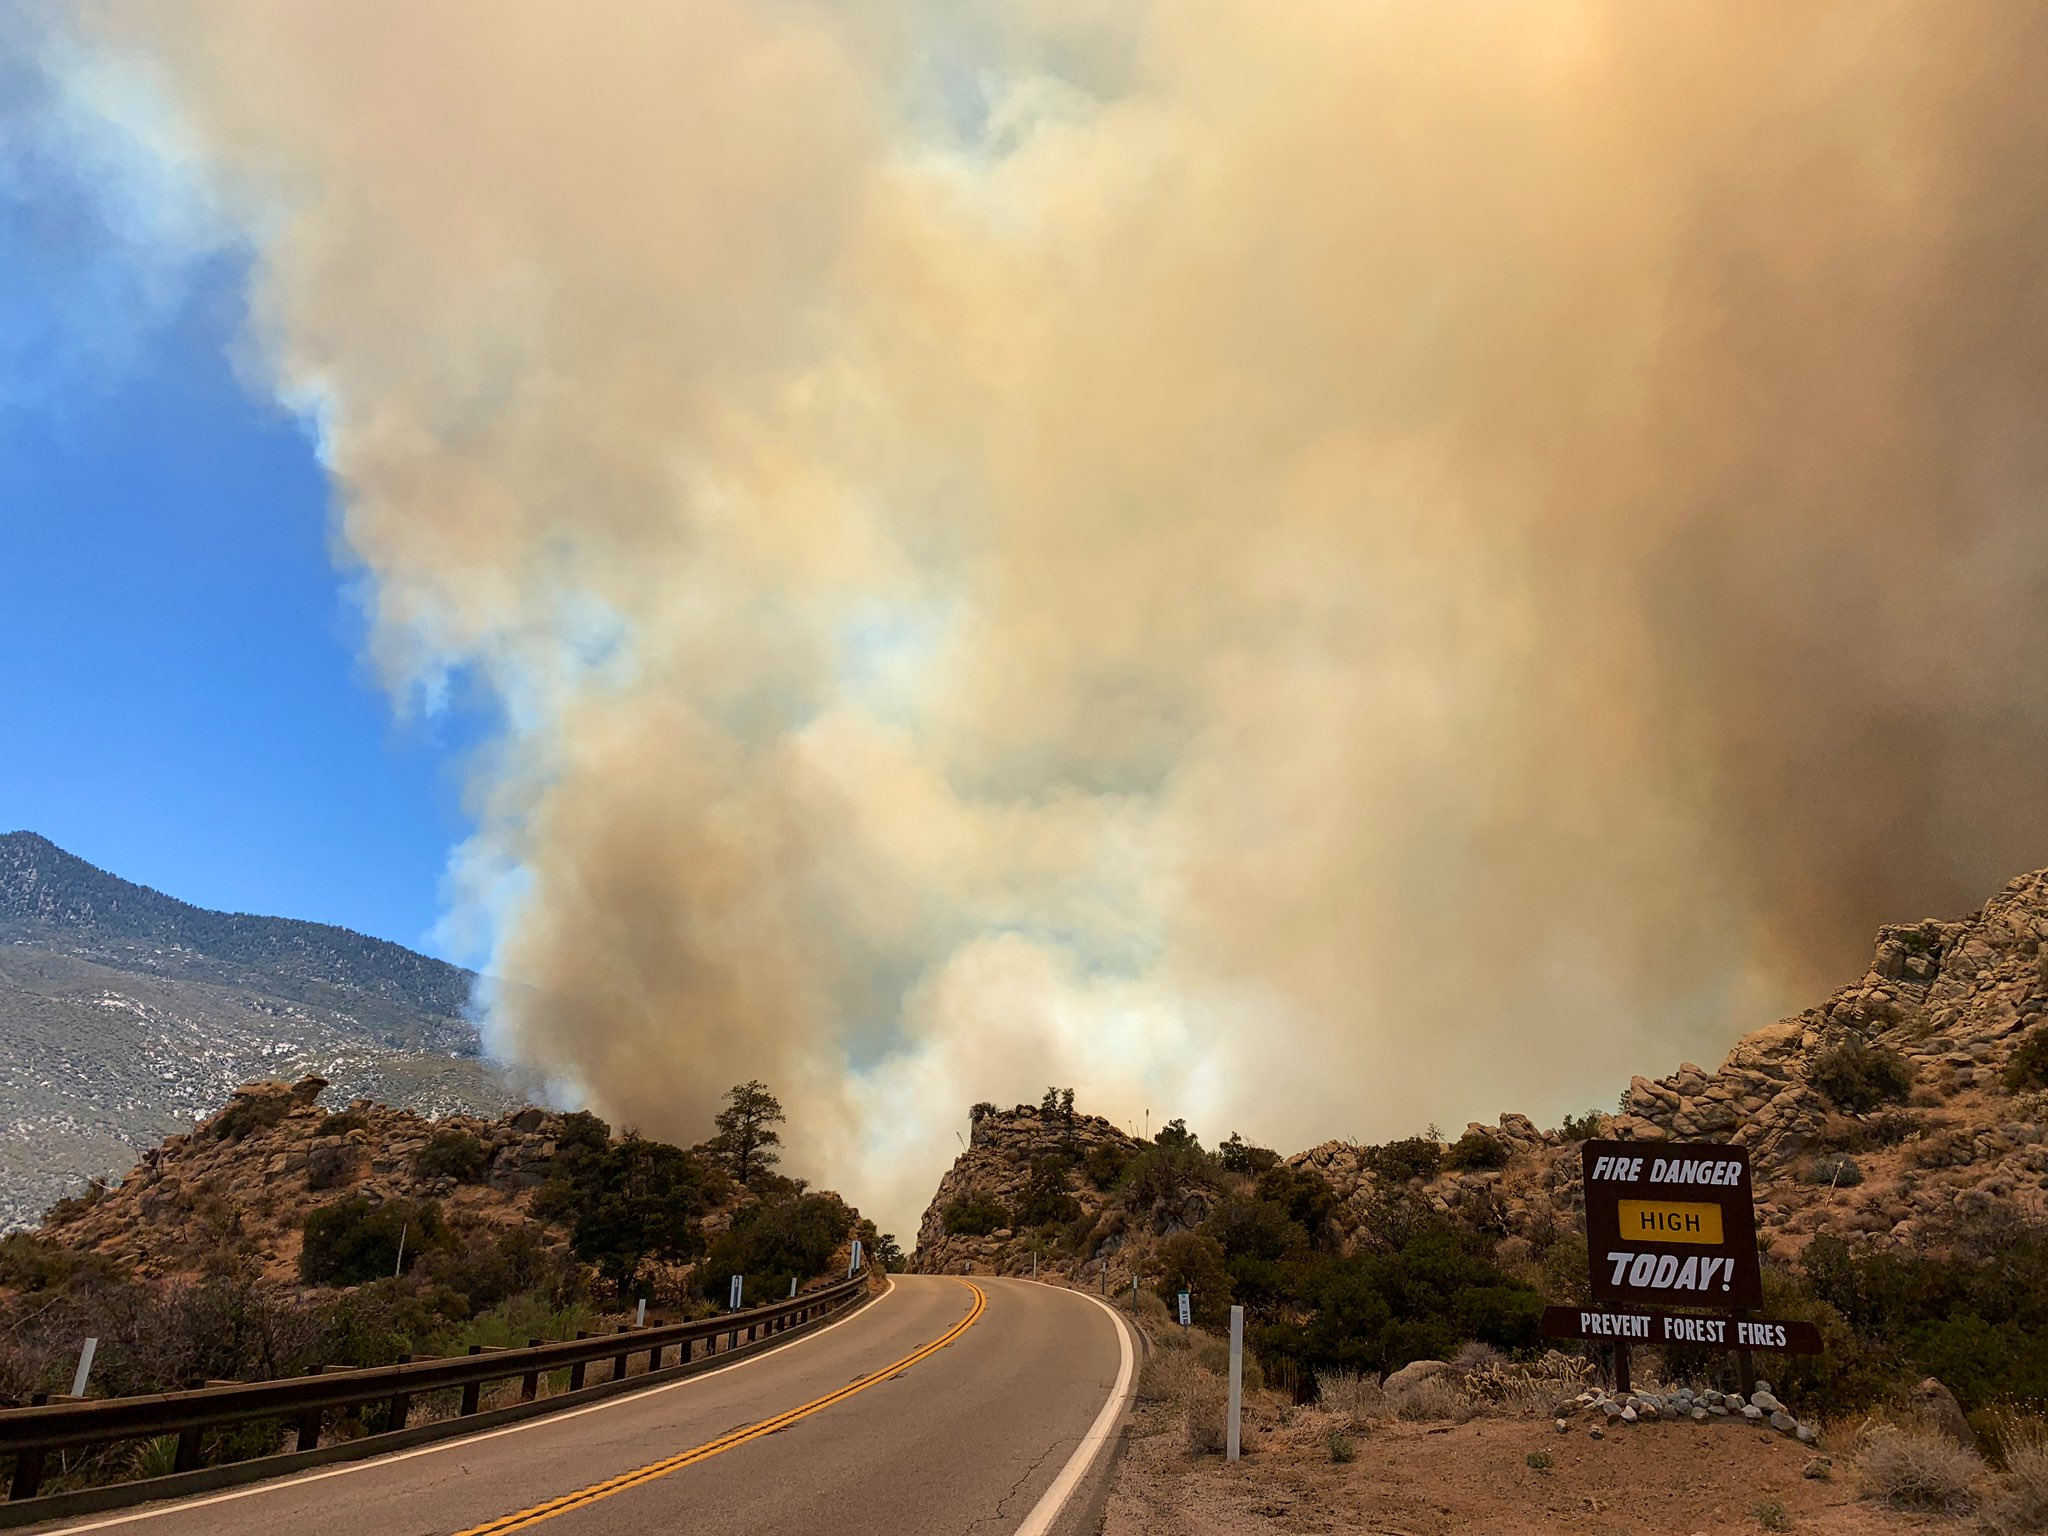 河濱縣週日突發大火,已經燃燒250畝。San Bernardino National Forest/Twitter